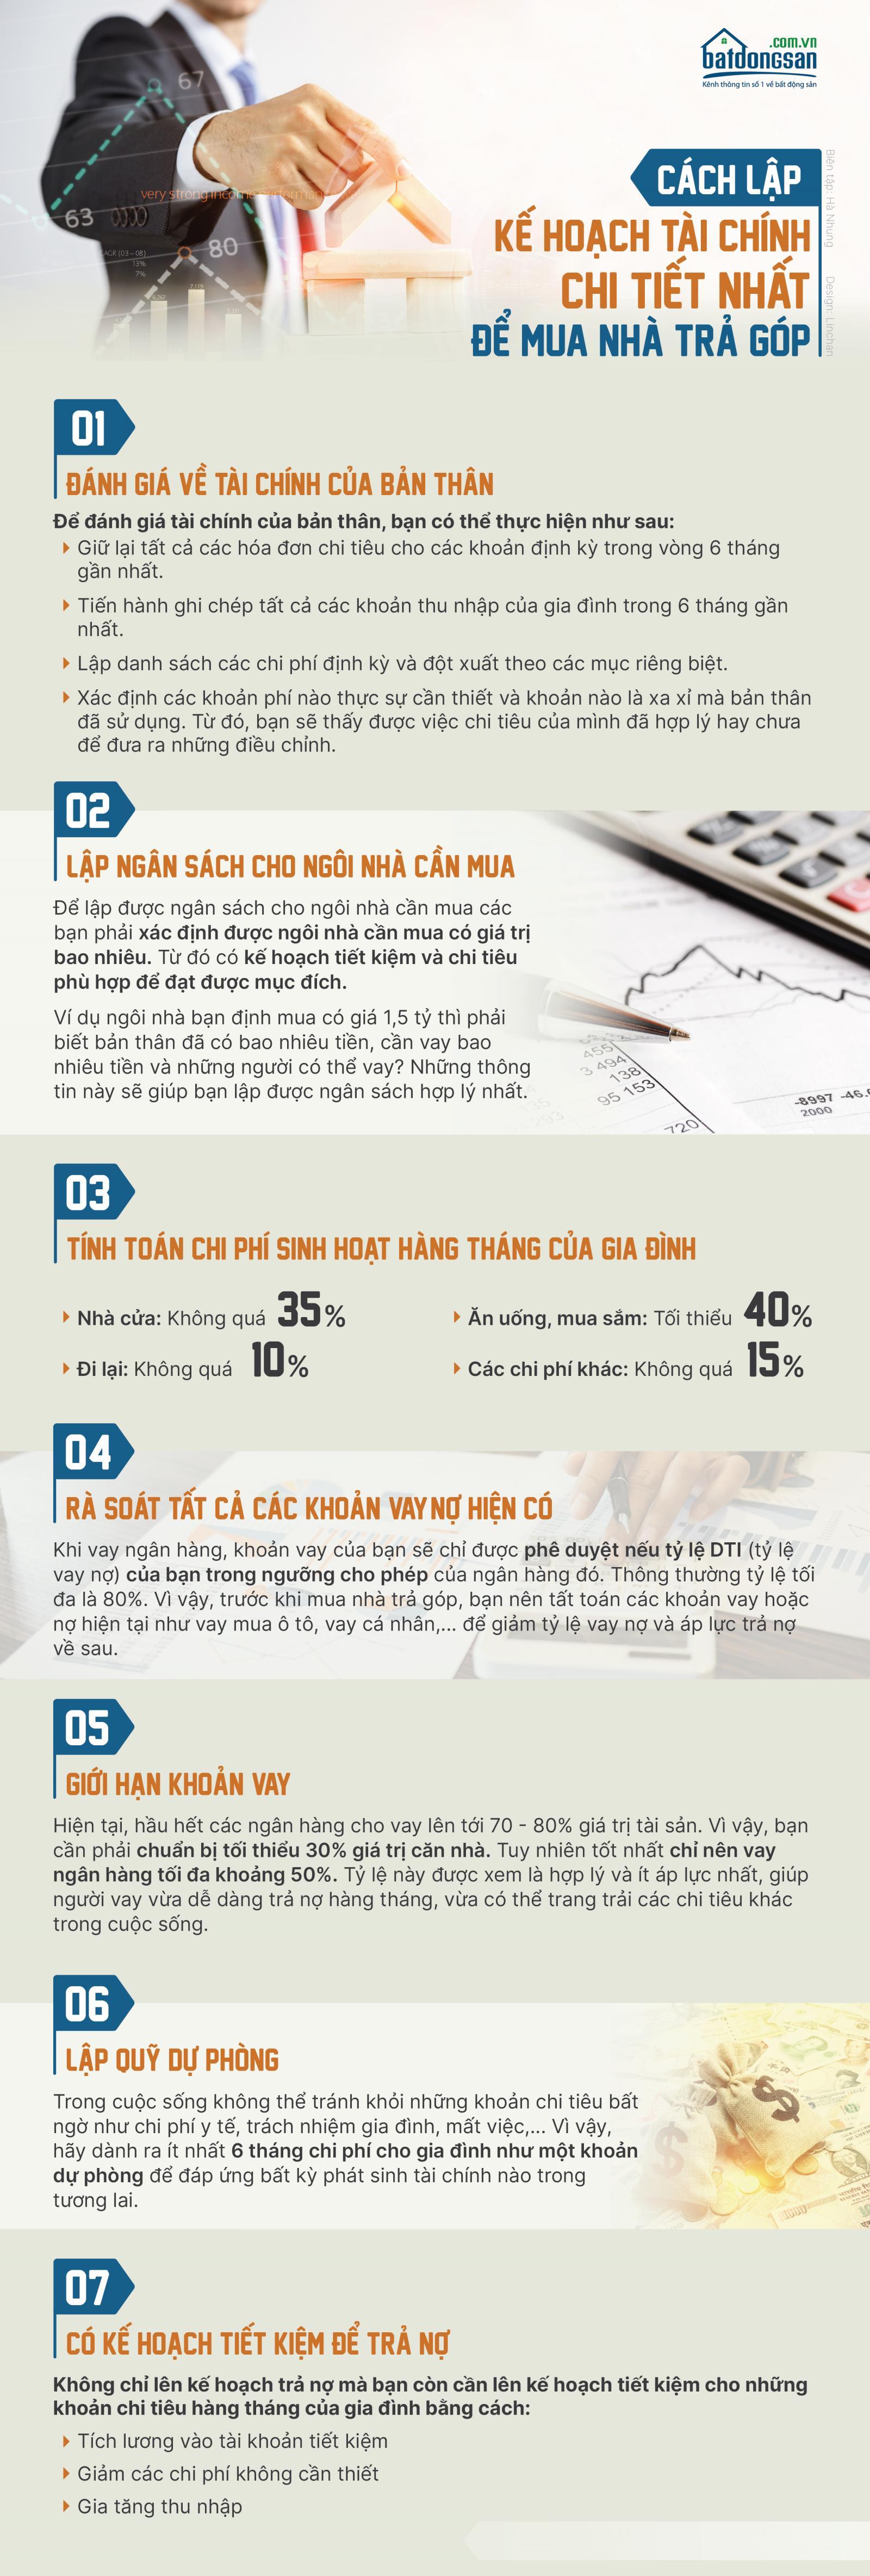 Infographic về các bước lập tài chính khi mua nhà trả góp